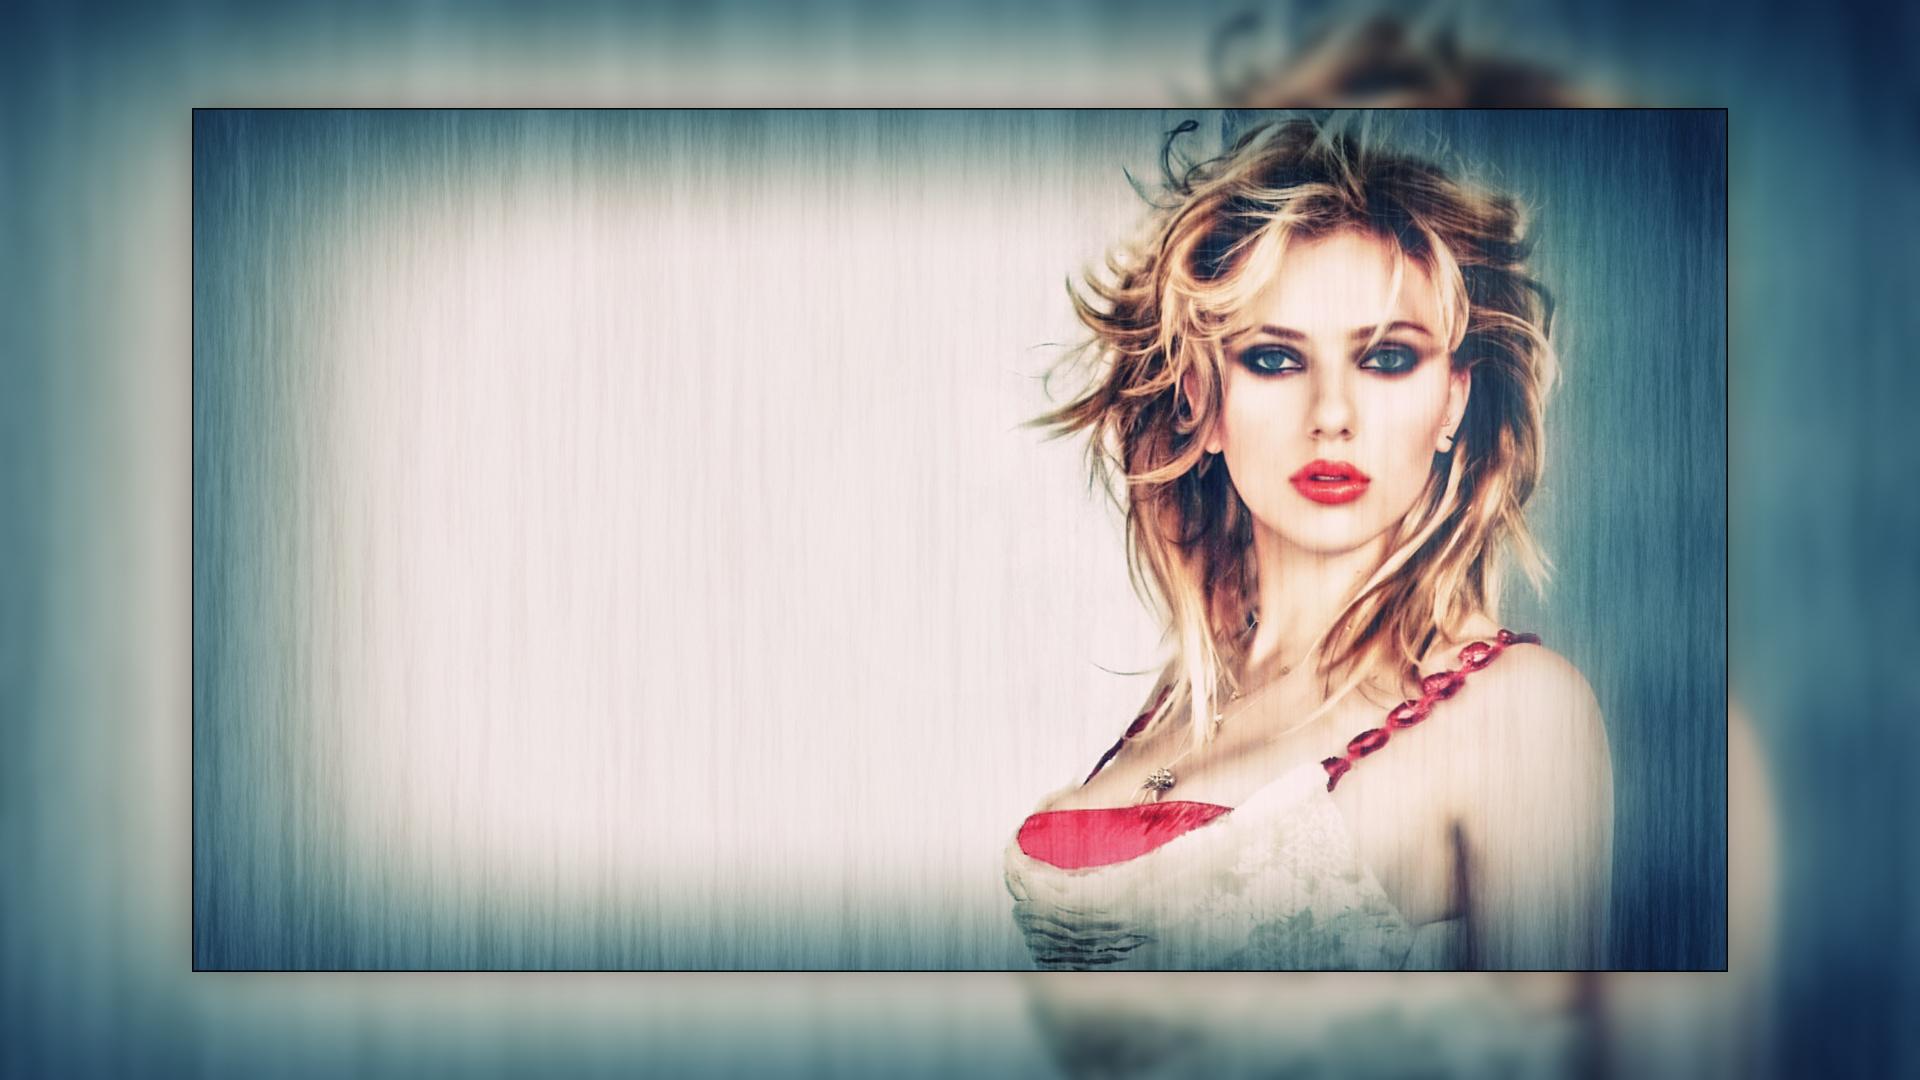 Scarlett Johansson Wallpapers HD A23